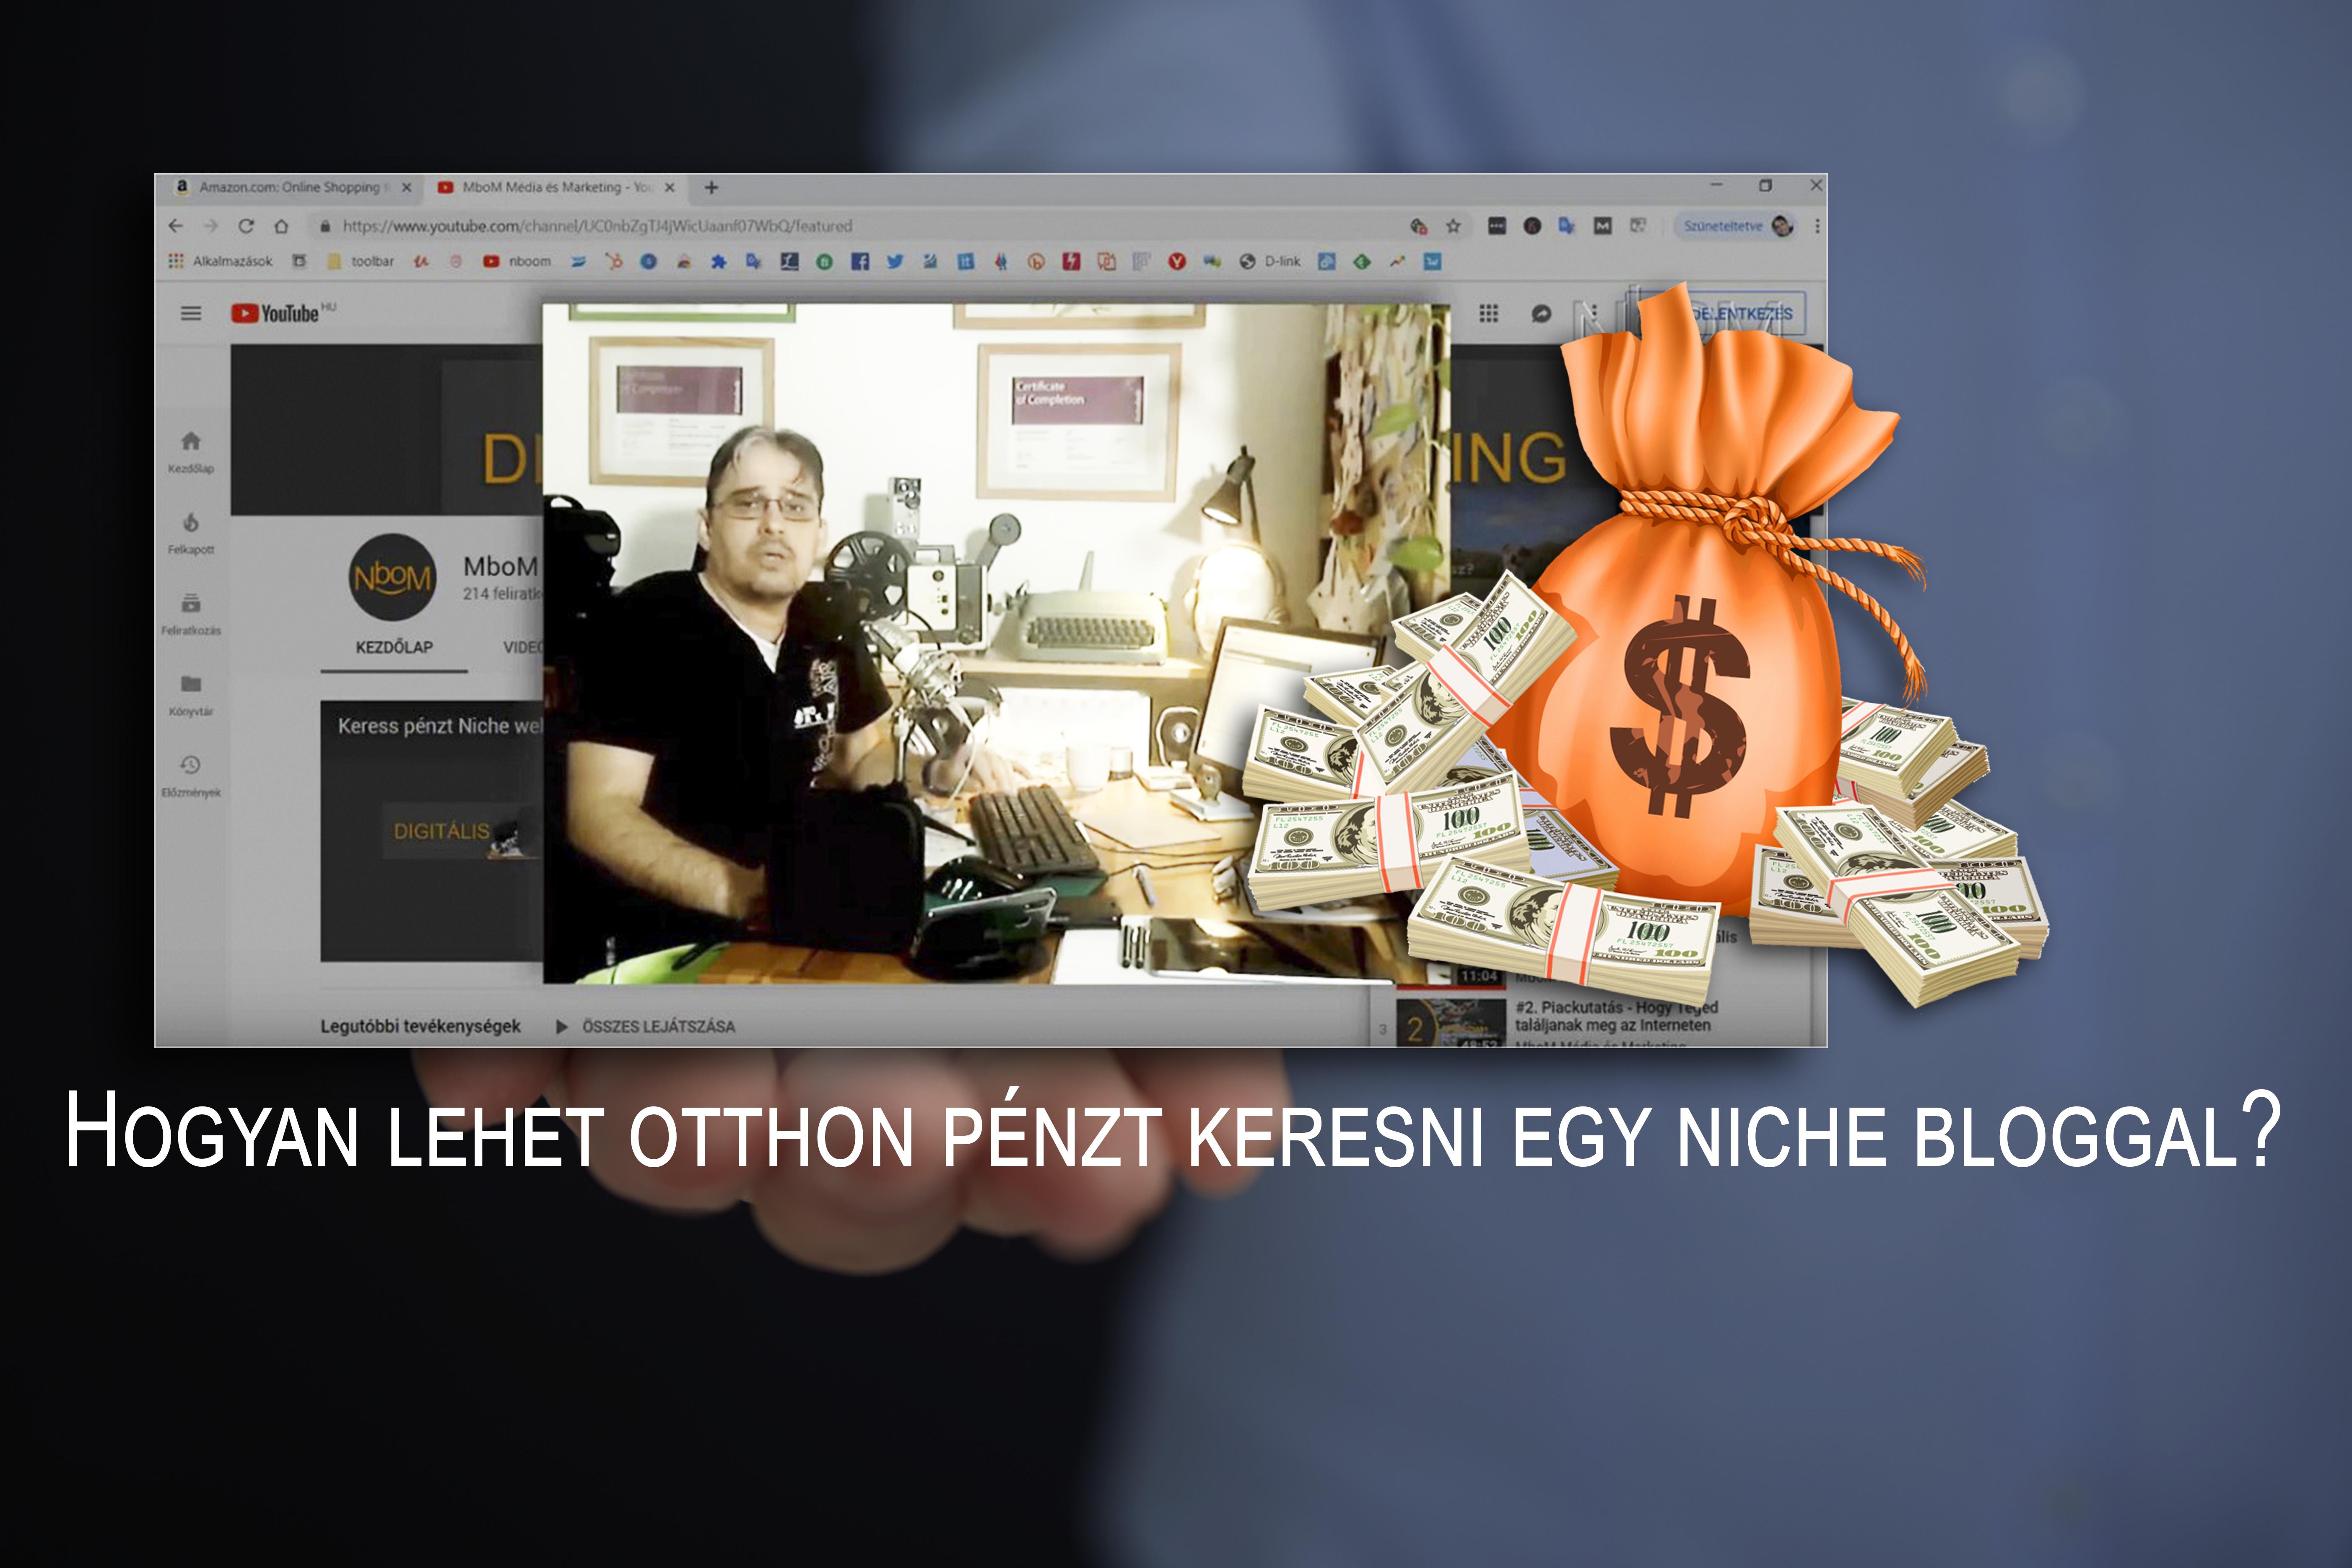 hogyan lehet pénzt keresni jó ötletekkel)